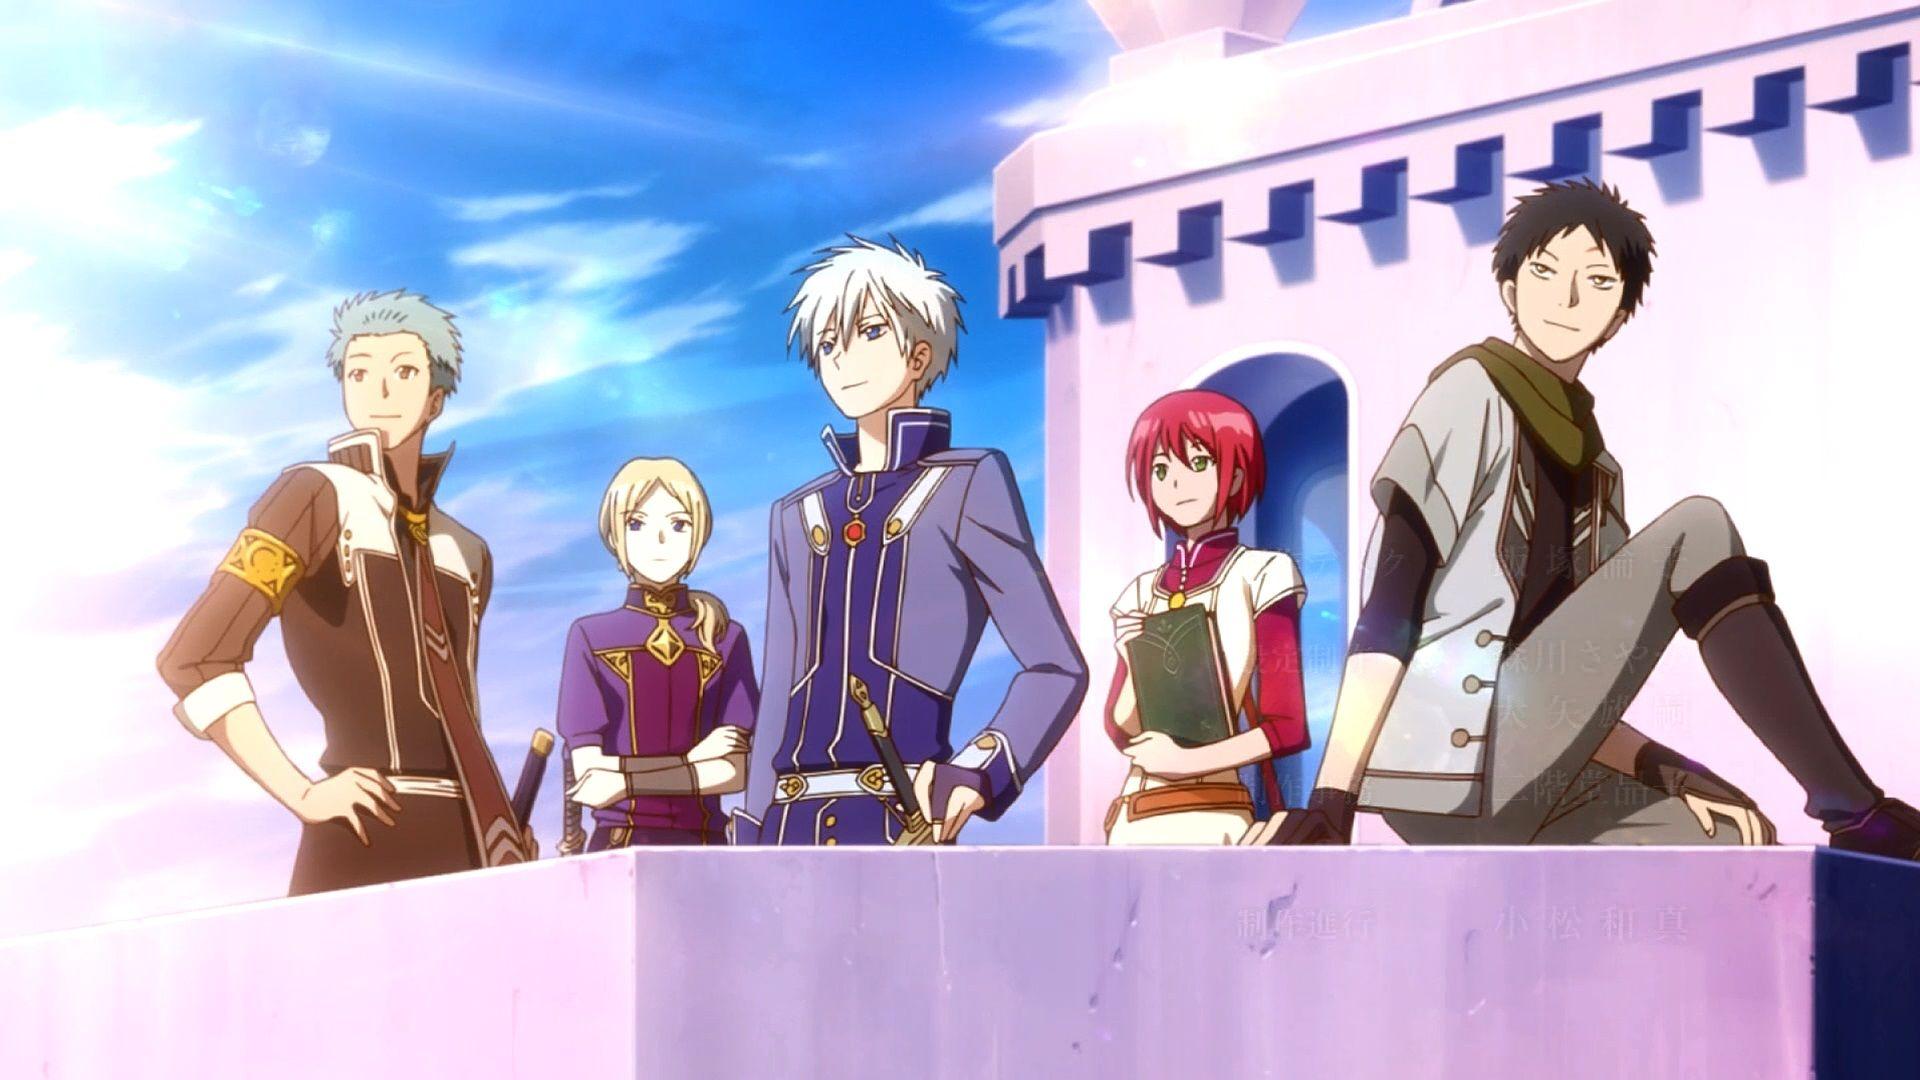 Akagami No Shirayuki Hime Atp Visitate Il Sito Per Maggiori Informazioni Snow White With The Red Hair Red Hair Snow White